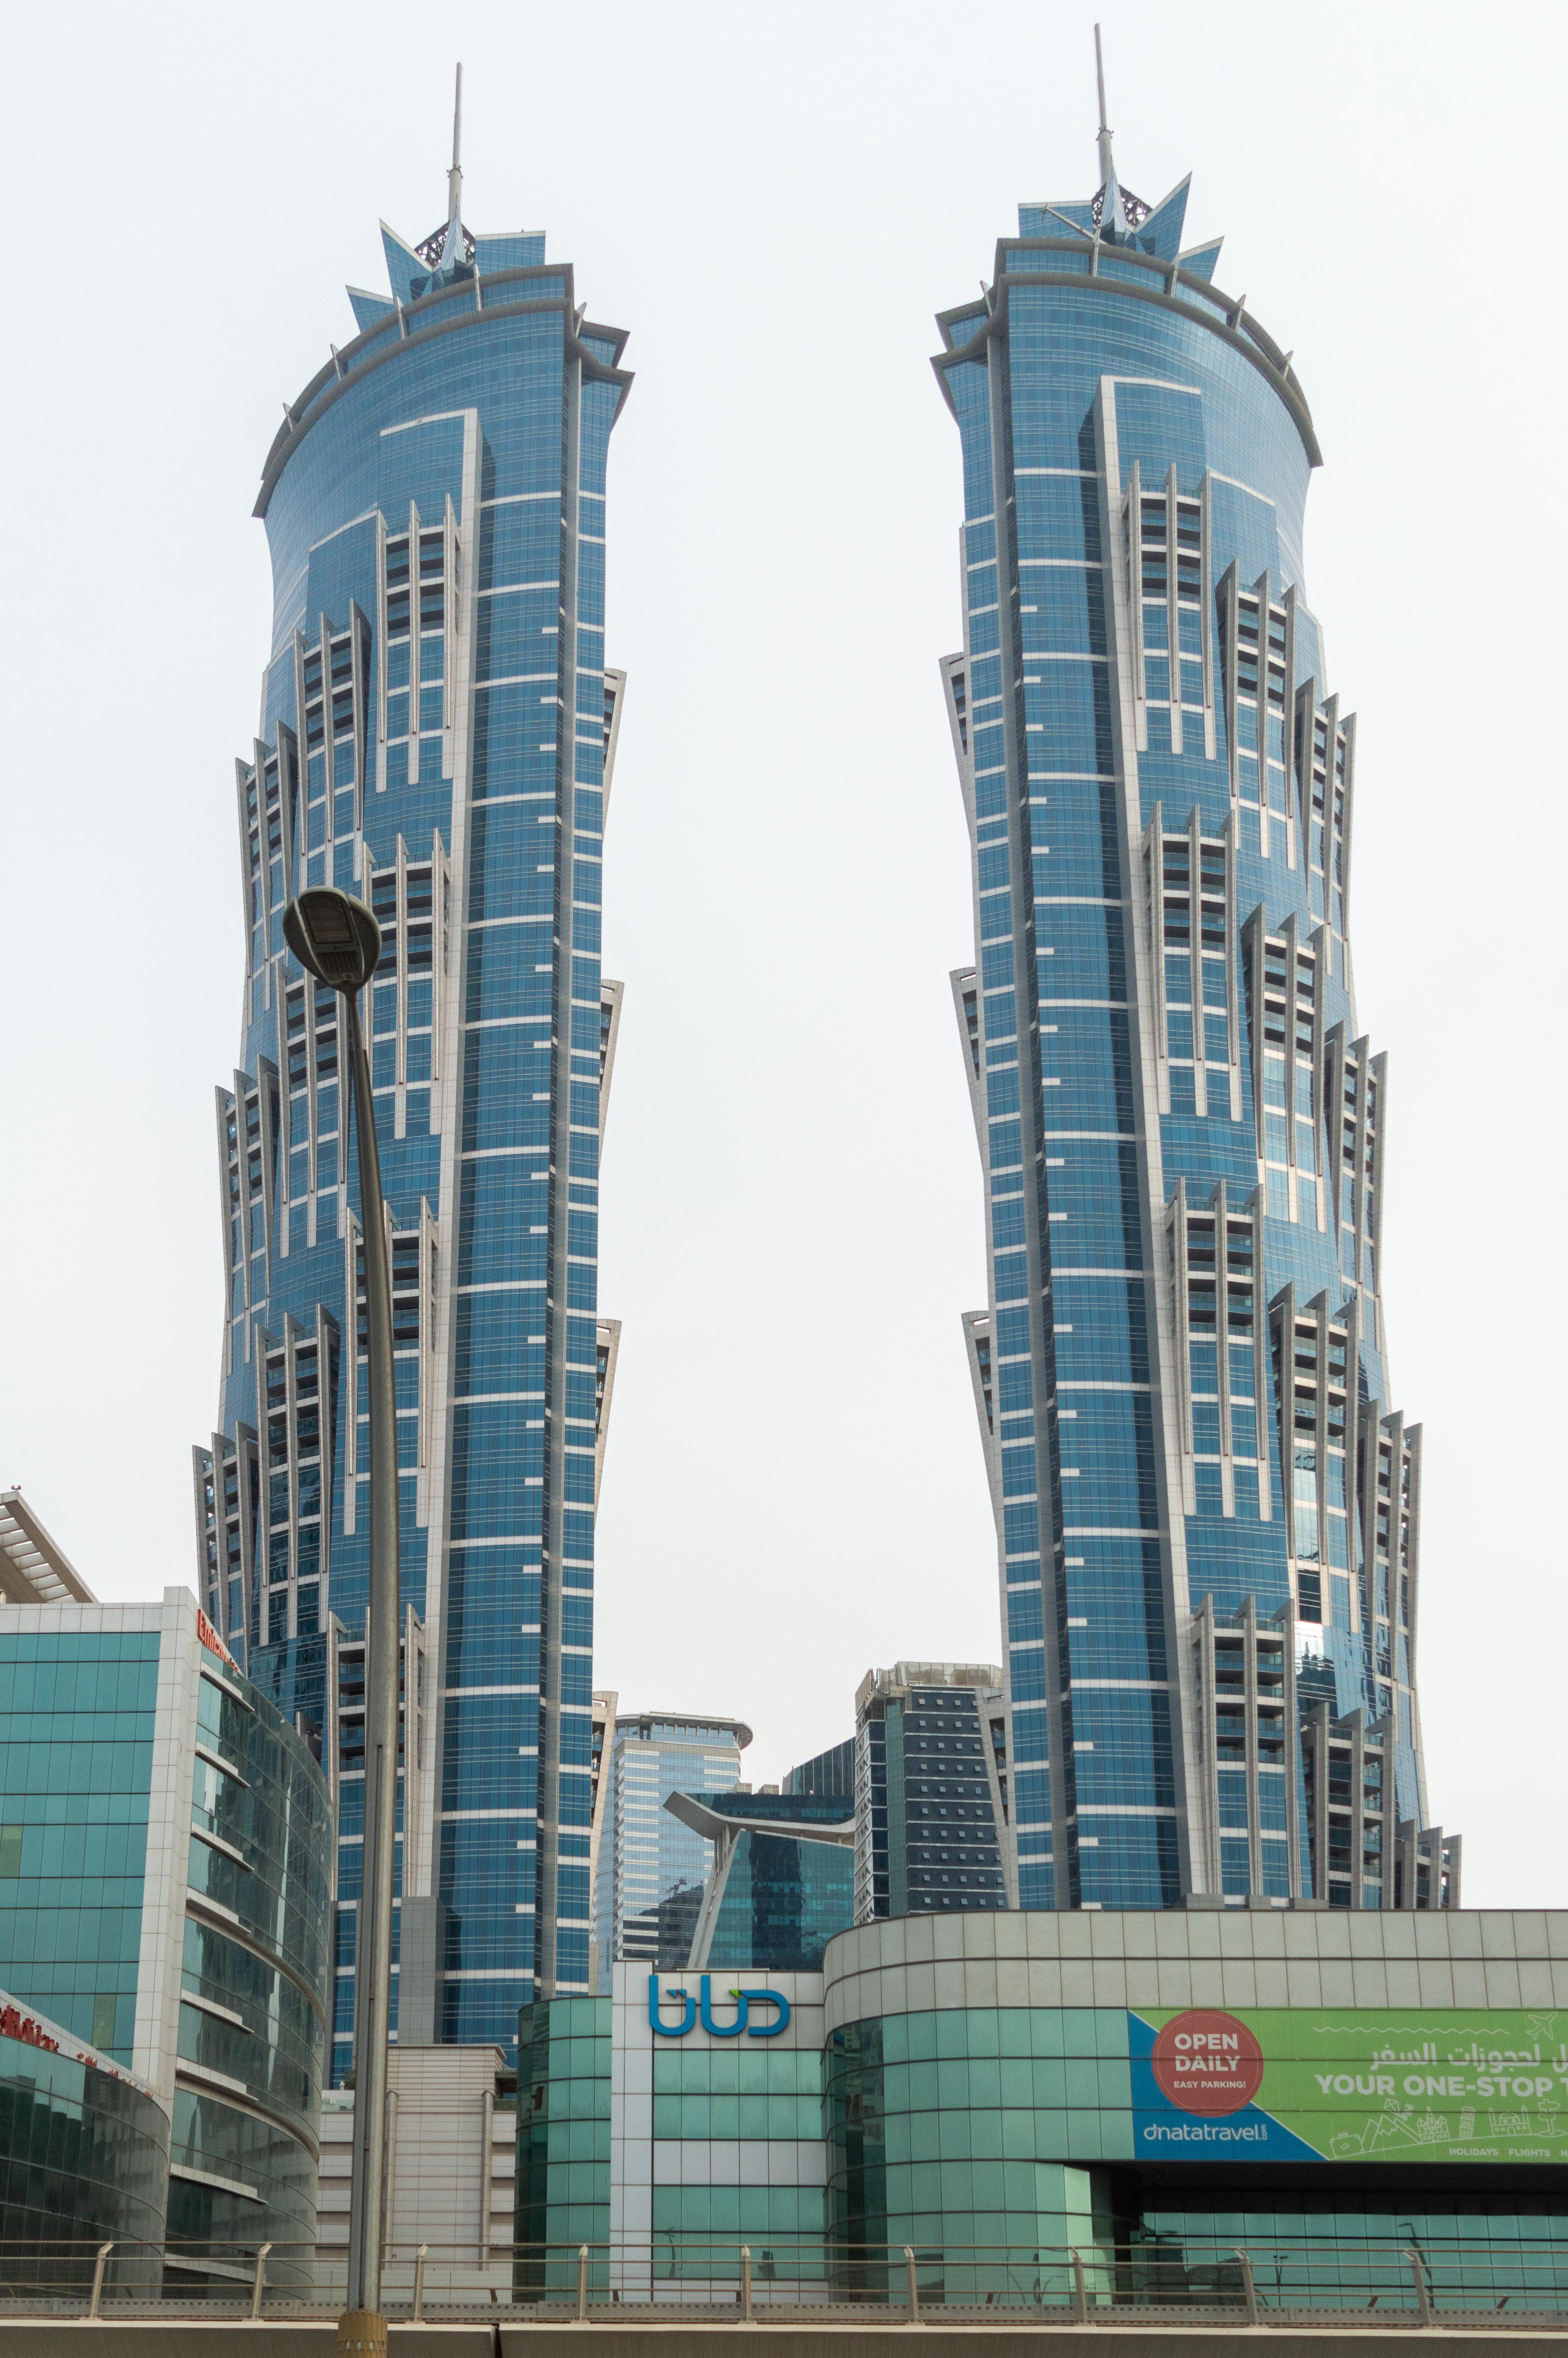 JW Marriott Marquis Dubai - Wikipedia